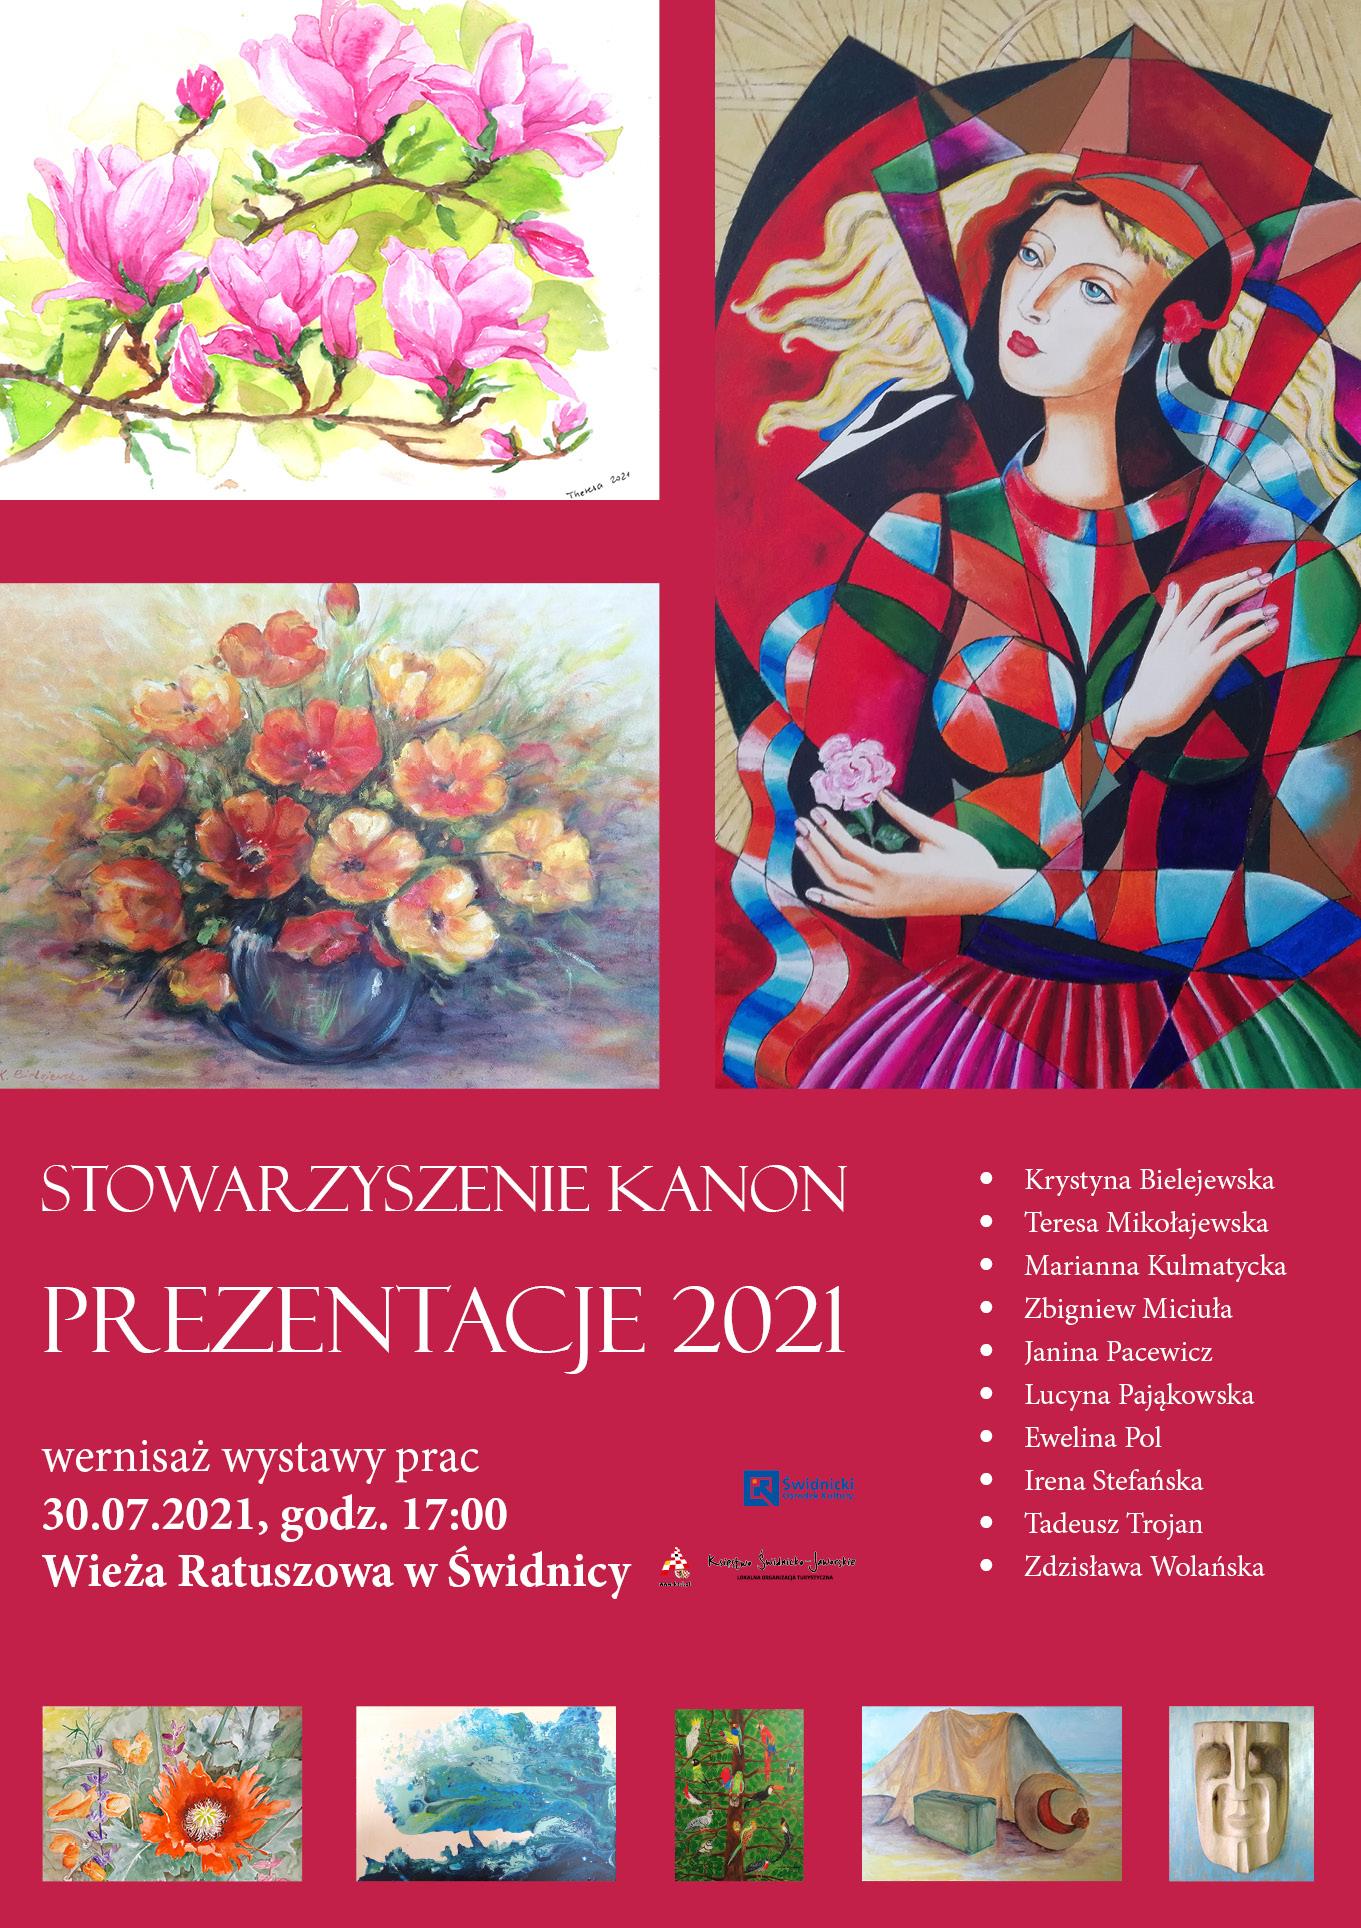 obrazy z motywami kwiatowymi i portret kobiety